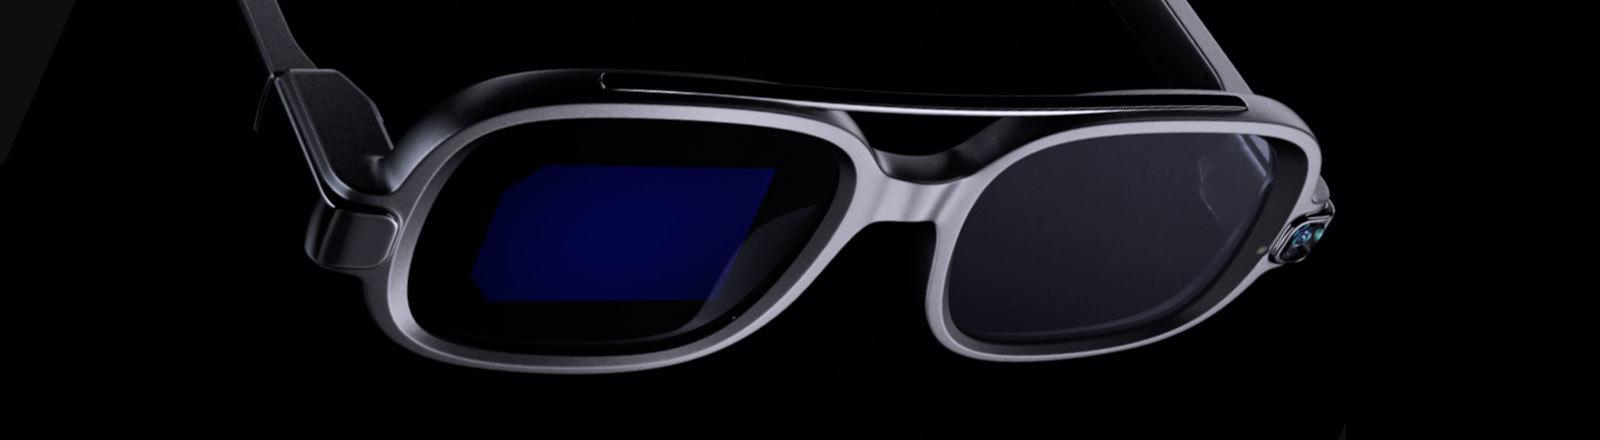 Smart Glasses von der Firma Xiaomi